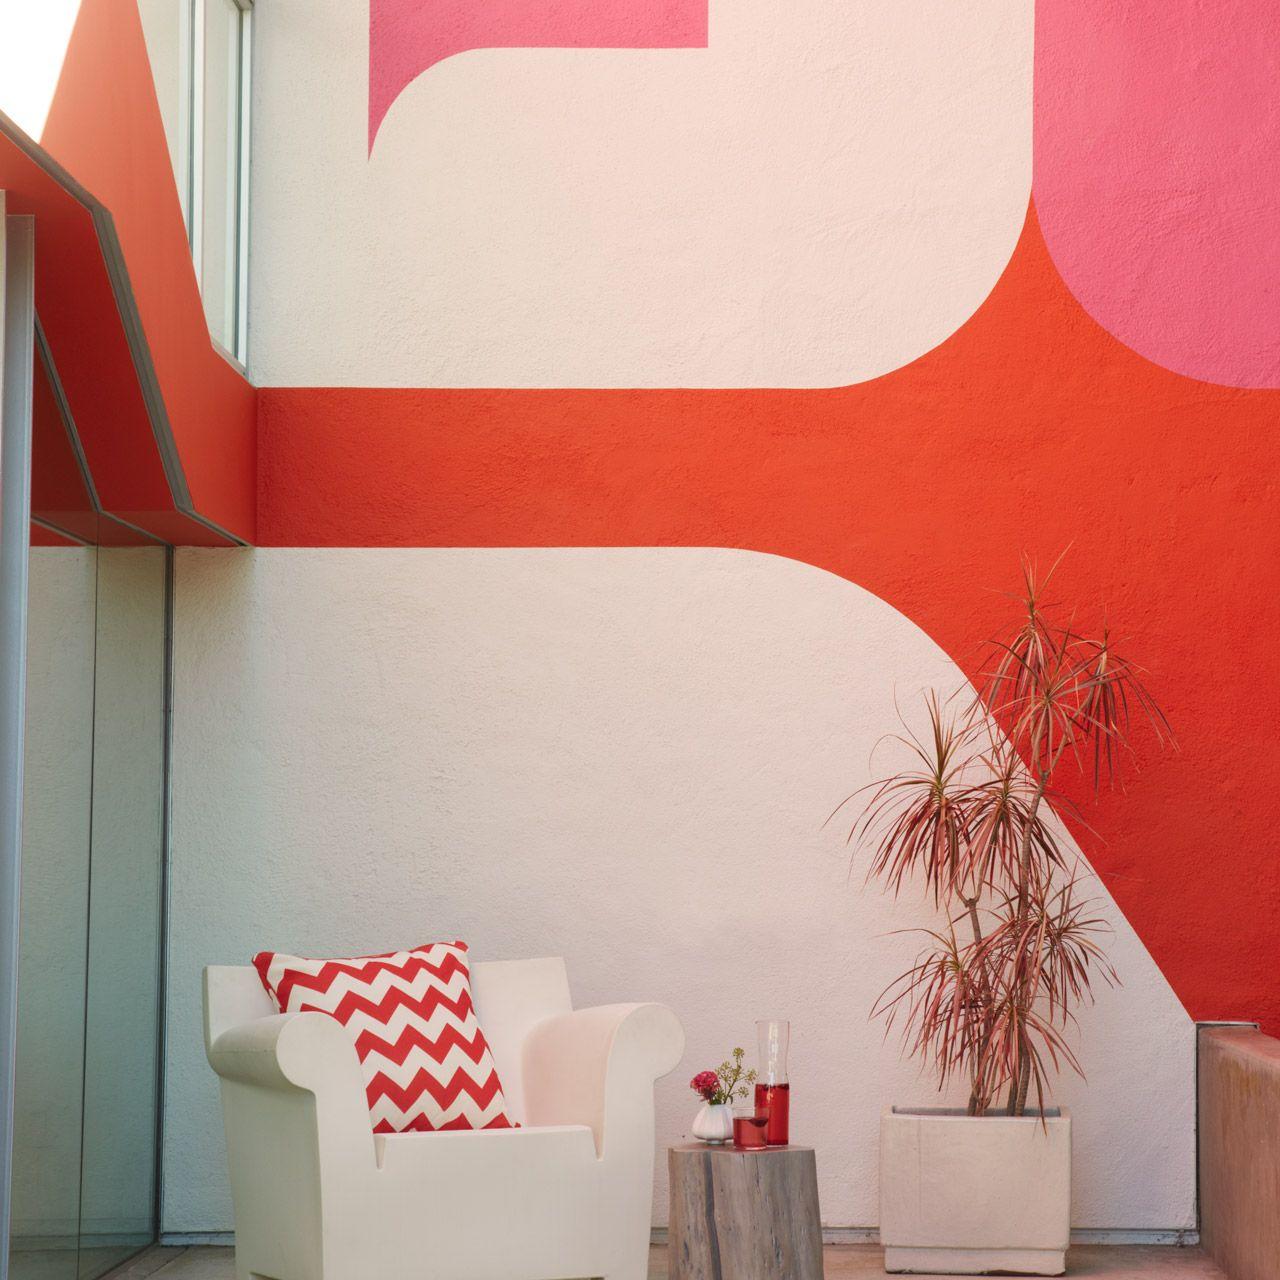 Dunn Edwards Paints Paint Colors Walls White Dew380 Accent Pink Dahlia Det419 Le Corbusier Crush Det421 Click For A Free Color Sample